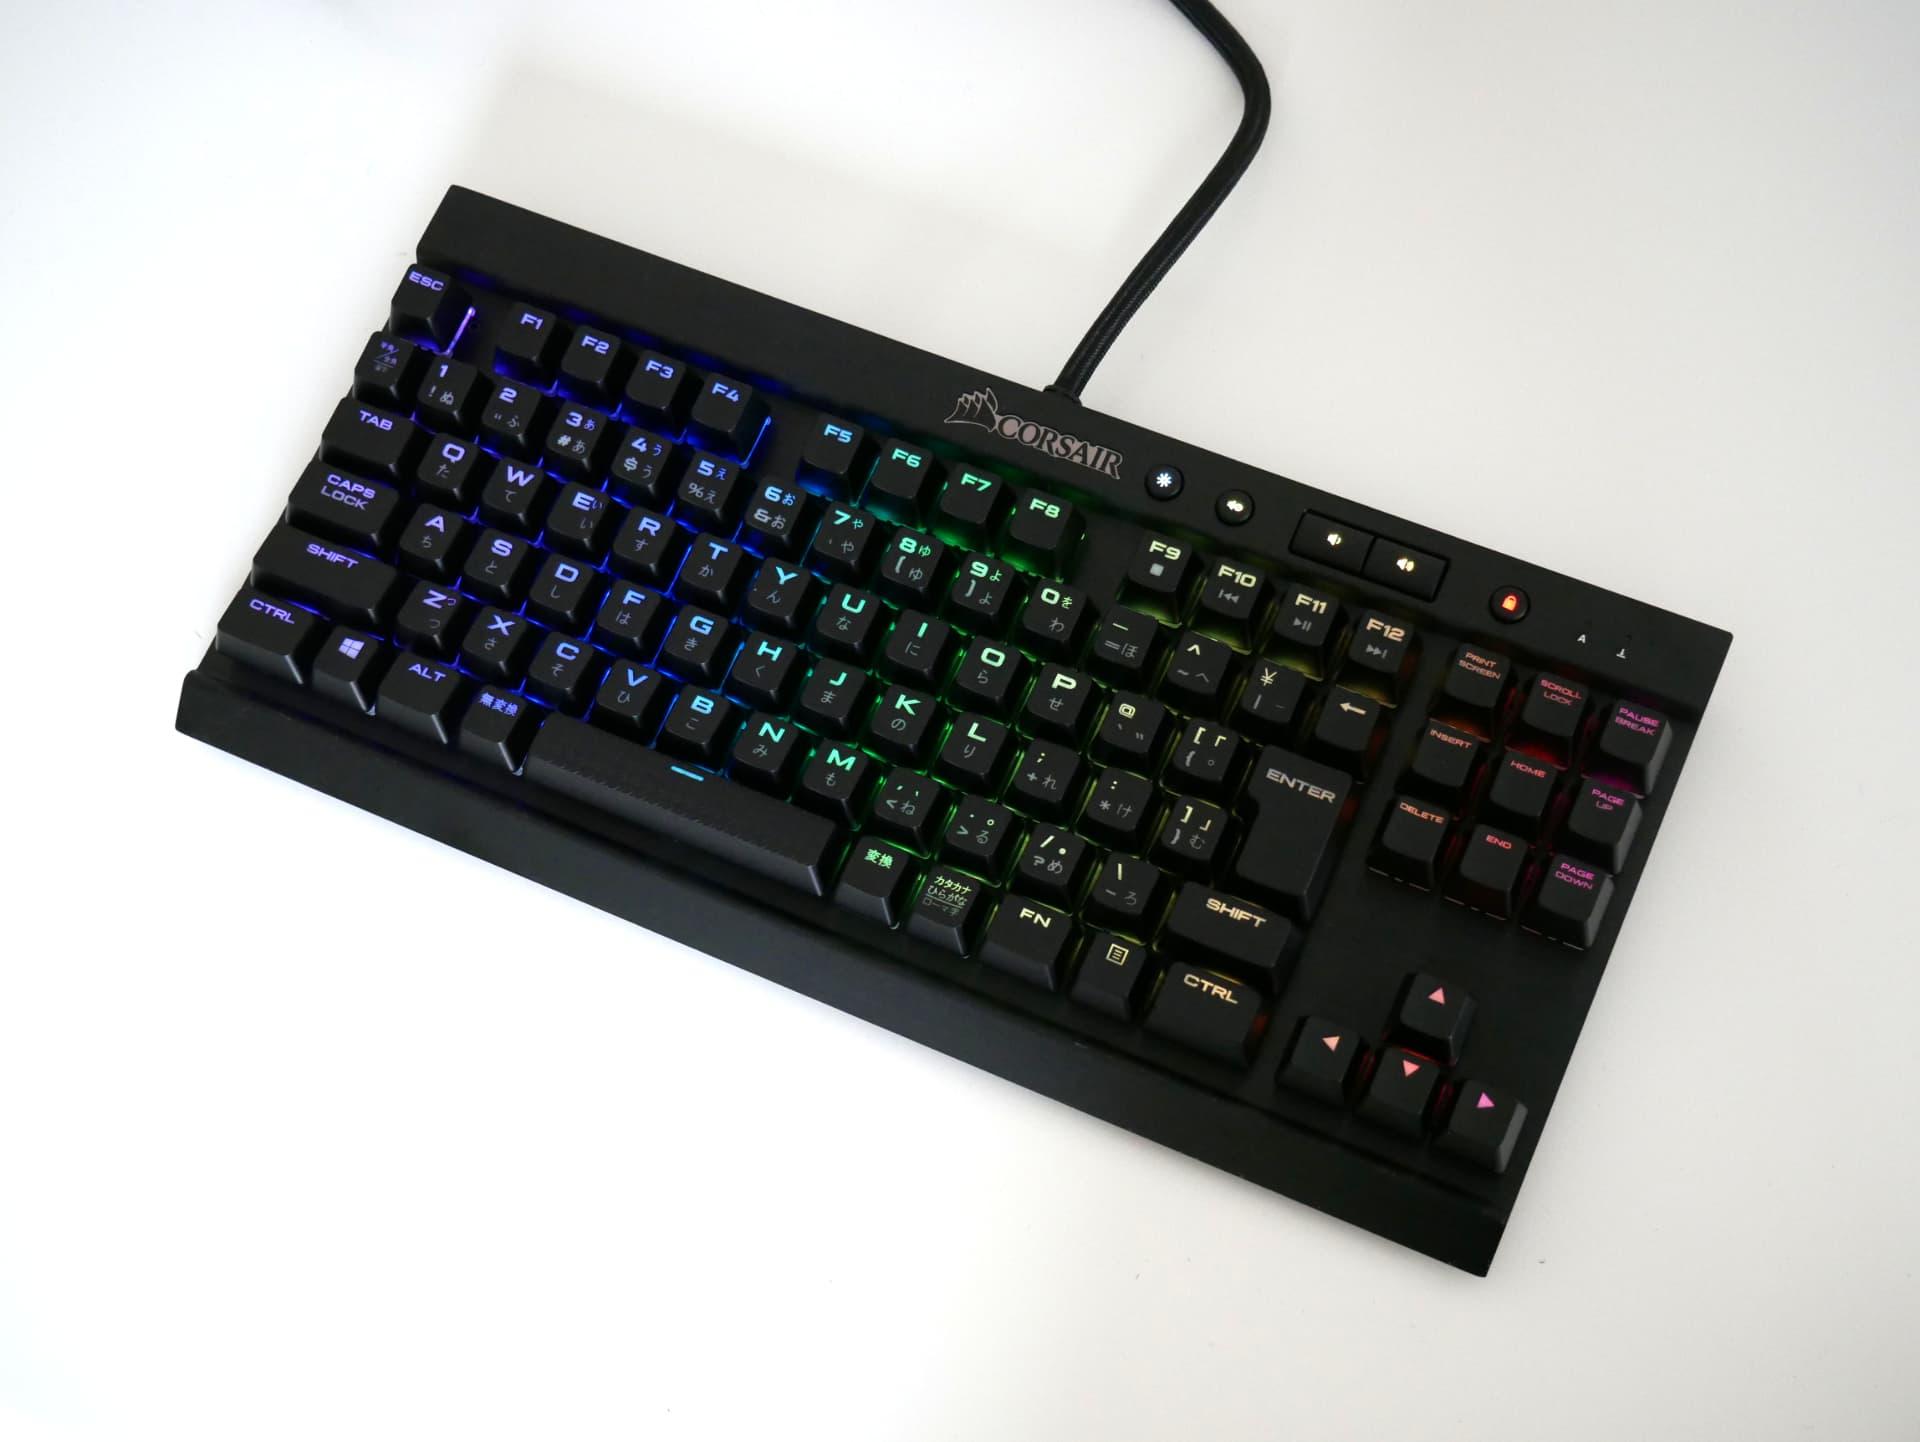 「Corsair K65 RGB Rapidfire」レビュー。便利な機能が揃ったテンキーレスの銀軸ゲーミングキーボード